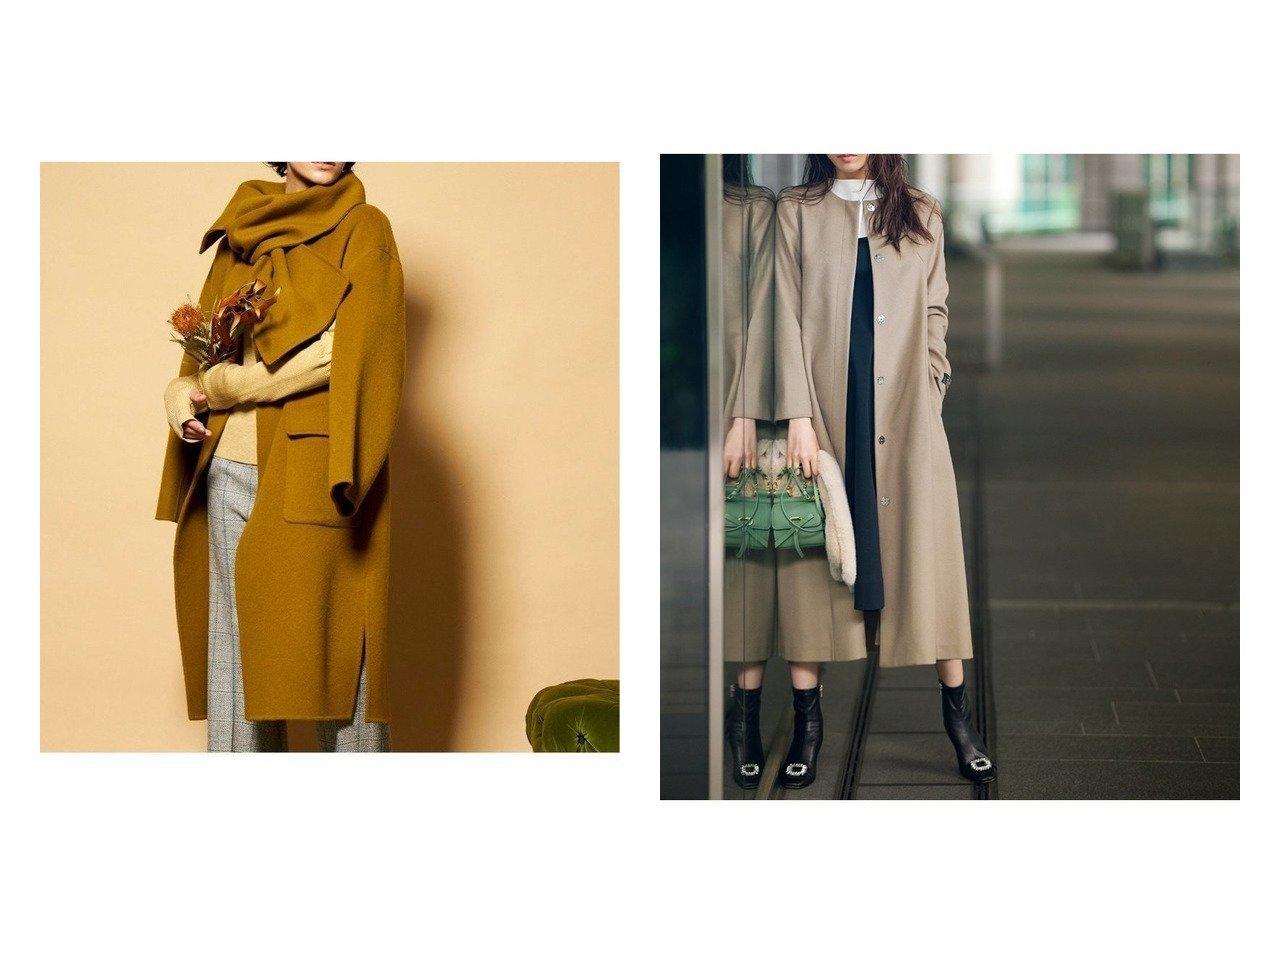 【CELFORD/セルフォード】のクルーネックフレアコート&【MAISON SPECIAL/メゾンスペシャル】のマフラー付きスリーブアウトリバーコート アウターのおすすめ!人気、トレンド・レディースファッションの通販  おすすめで人気の流行・トレンド、ファッションの通販商品 メンズファッション・キッズファッション・インテリア・家具・レディースファッション・服の通販 founy(ファニー) https://founy.com/ ファッション Fashion レディースファッション WOMEN アウター Coat Outerwear コート Coats ジャケット Jackets マフラー Mufflers インナー ジャケット スリット フォルム マフラー ミュール リラックス イタリア カシミヤ シンプル ドレス フレア ベーシック  ID:crp329100000010021